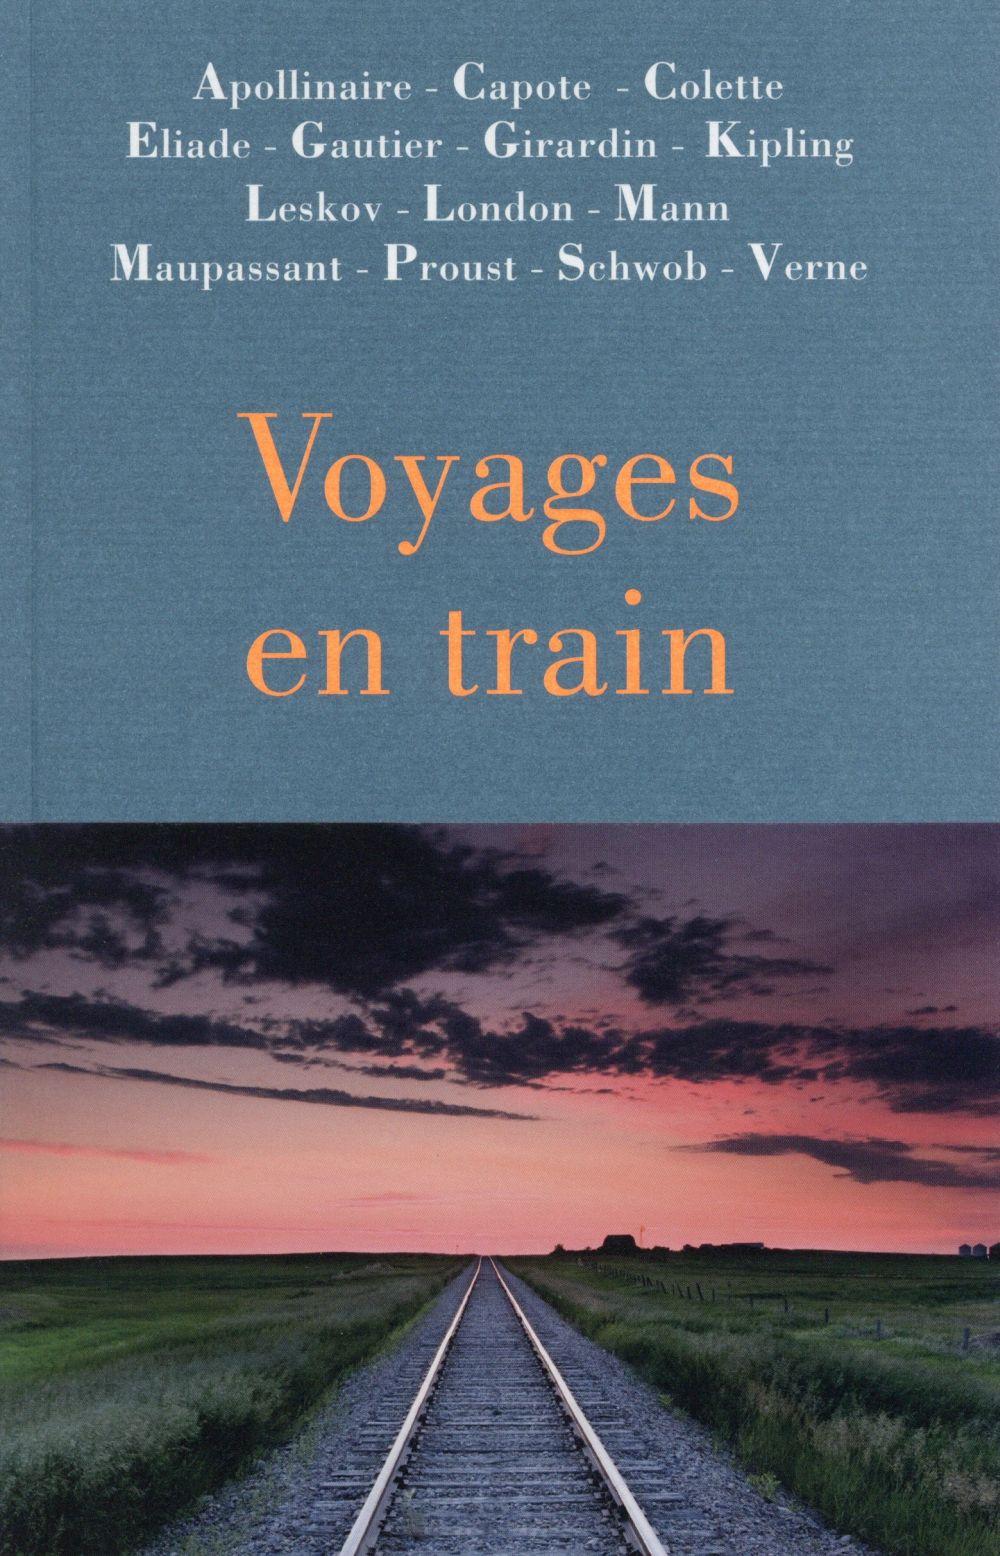 VOYAGES EN TRAIN